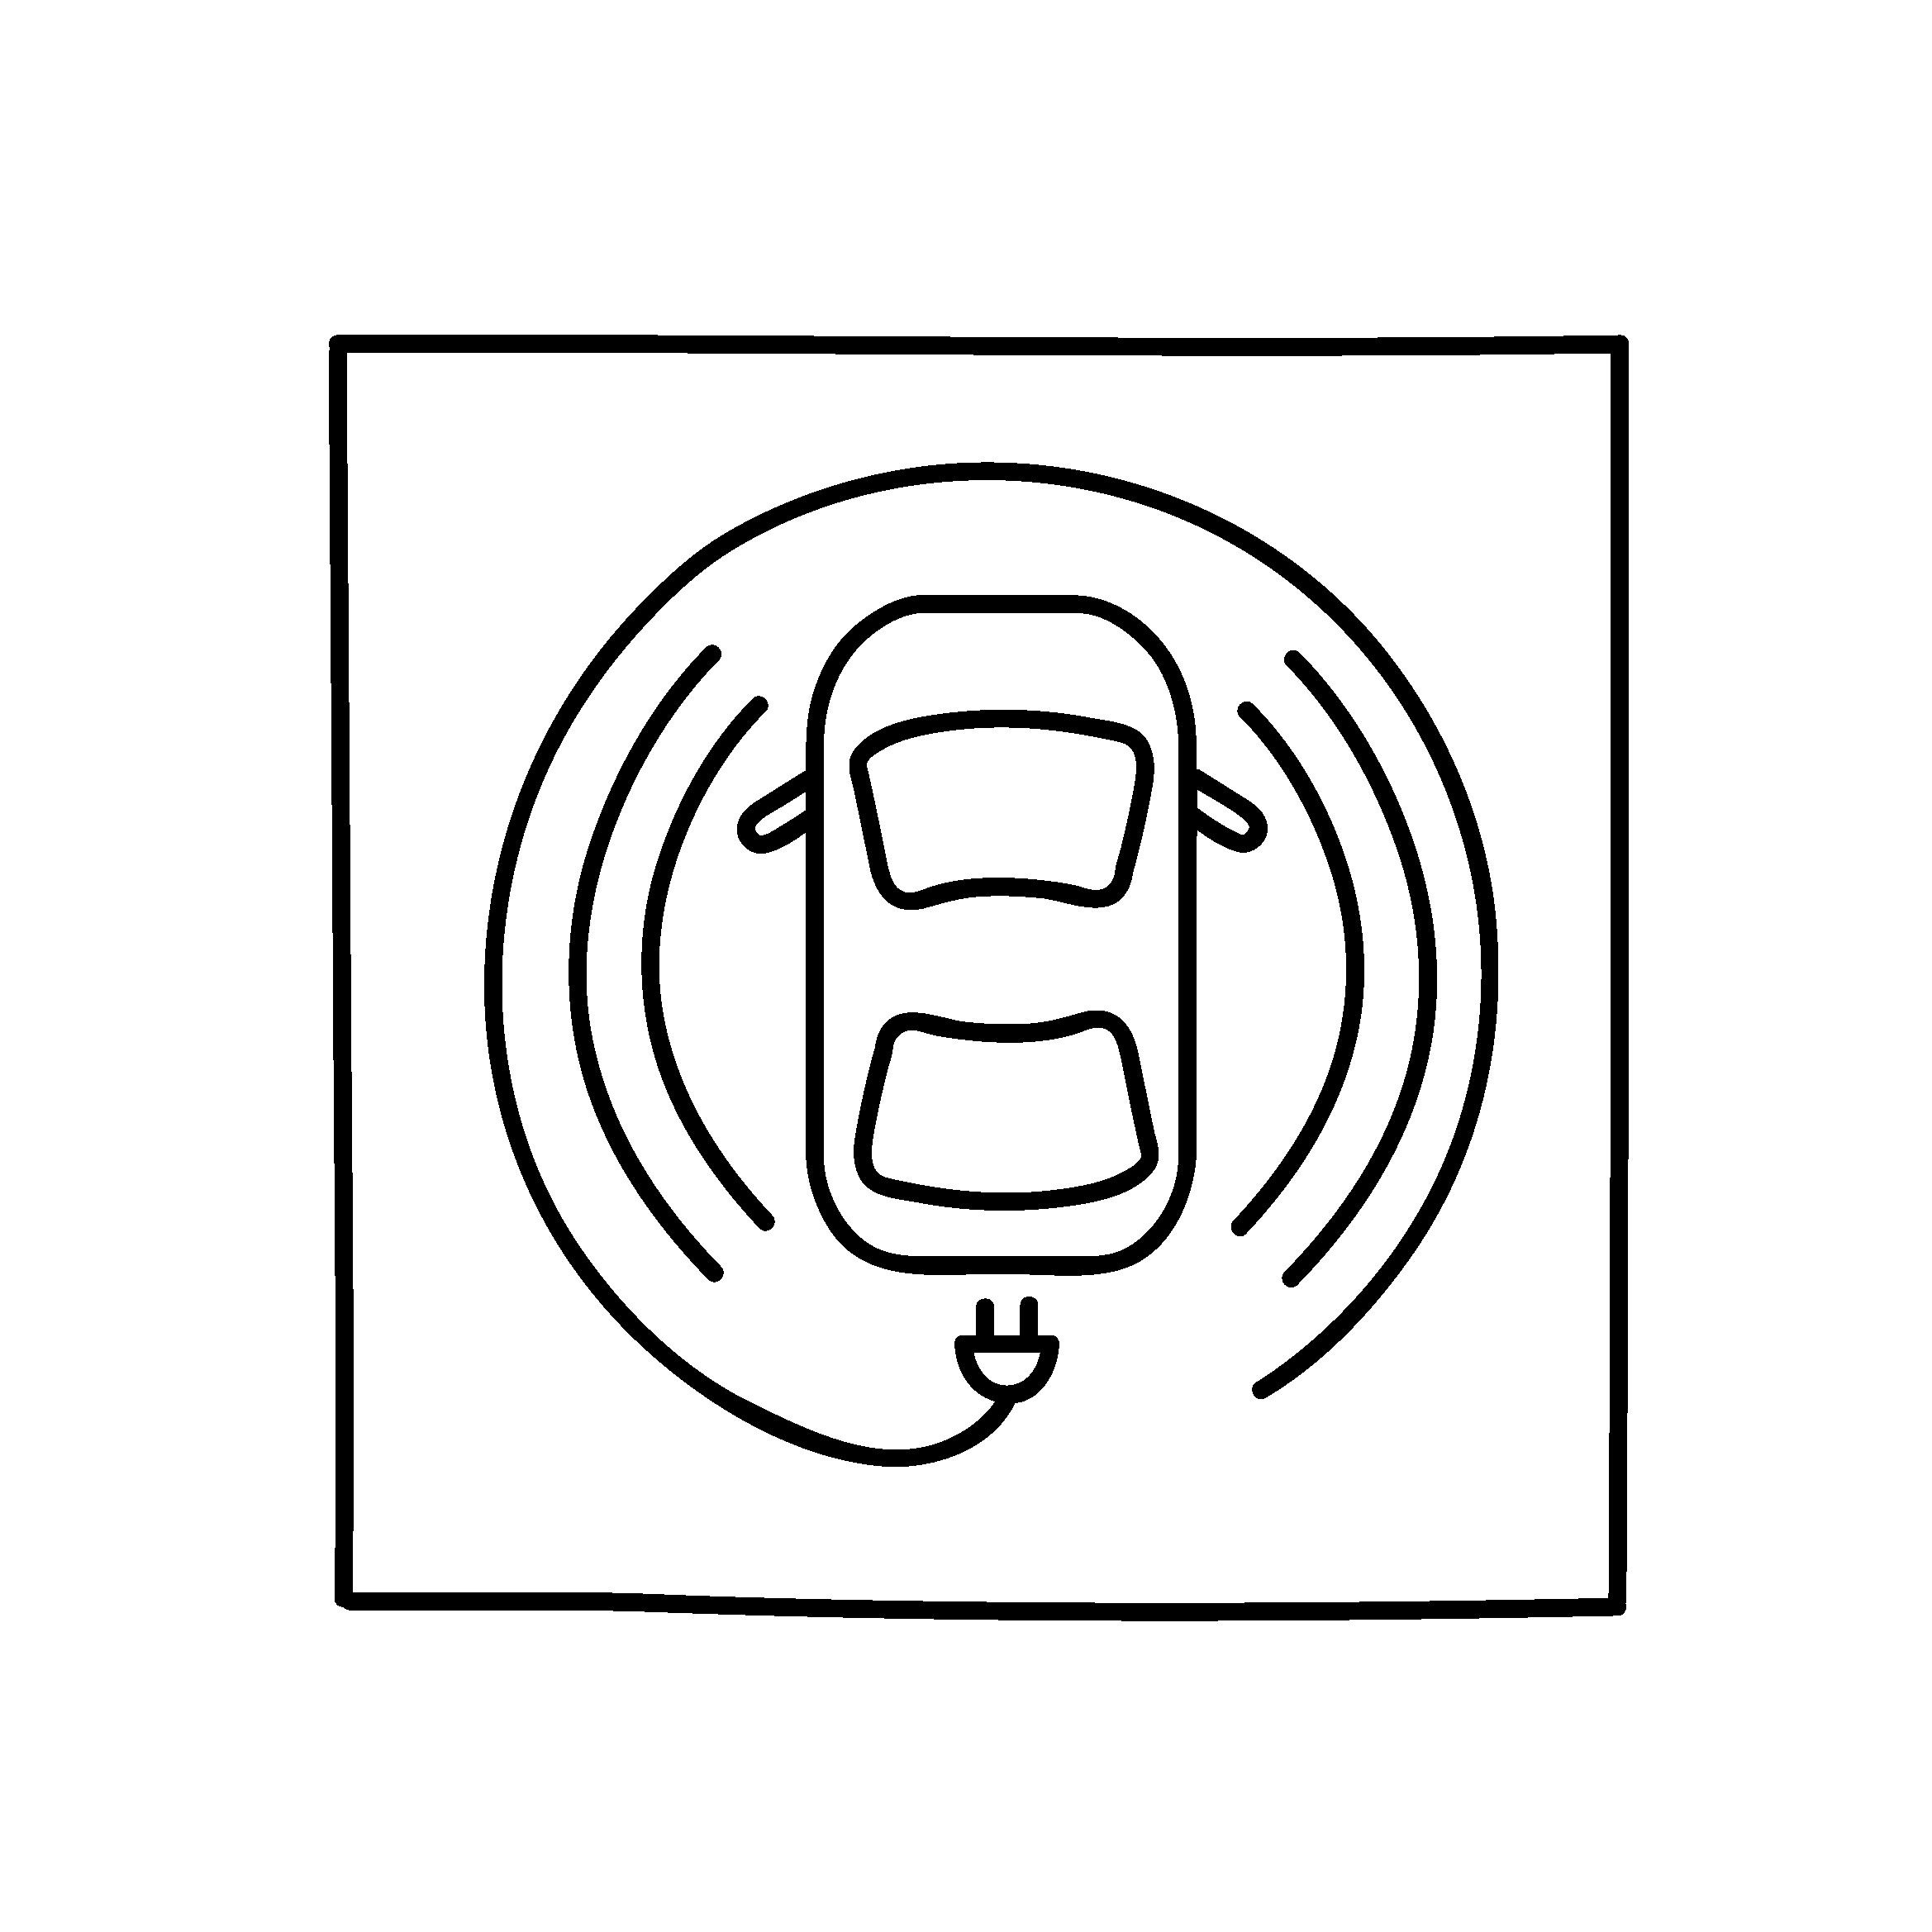 Knapillustrationsforpete-02.png